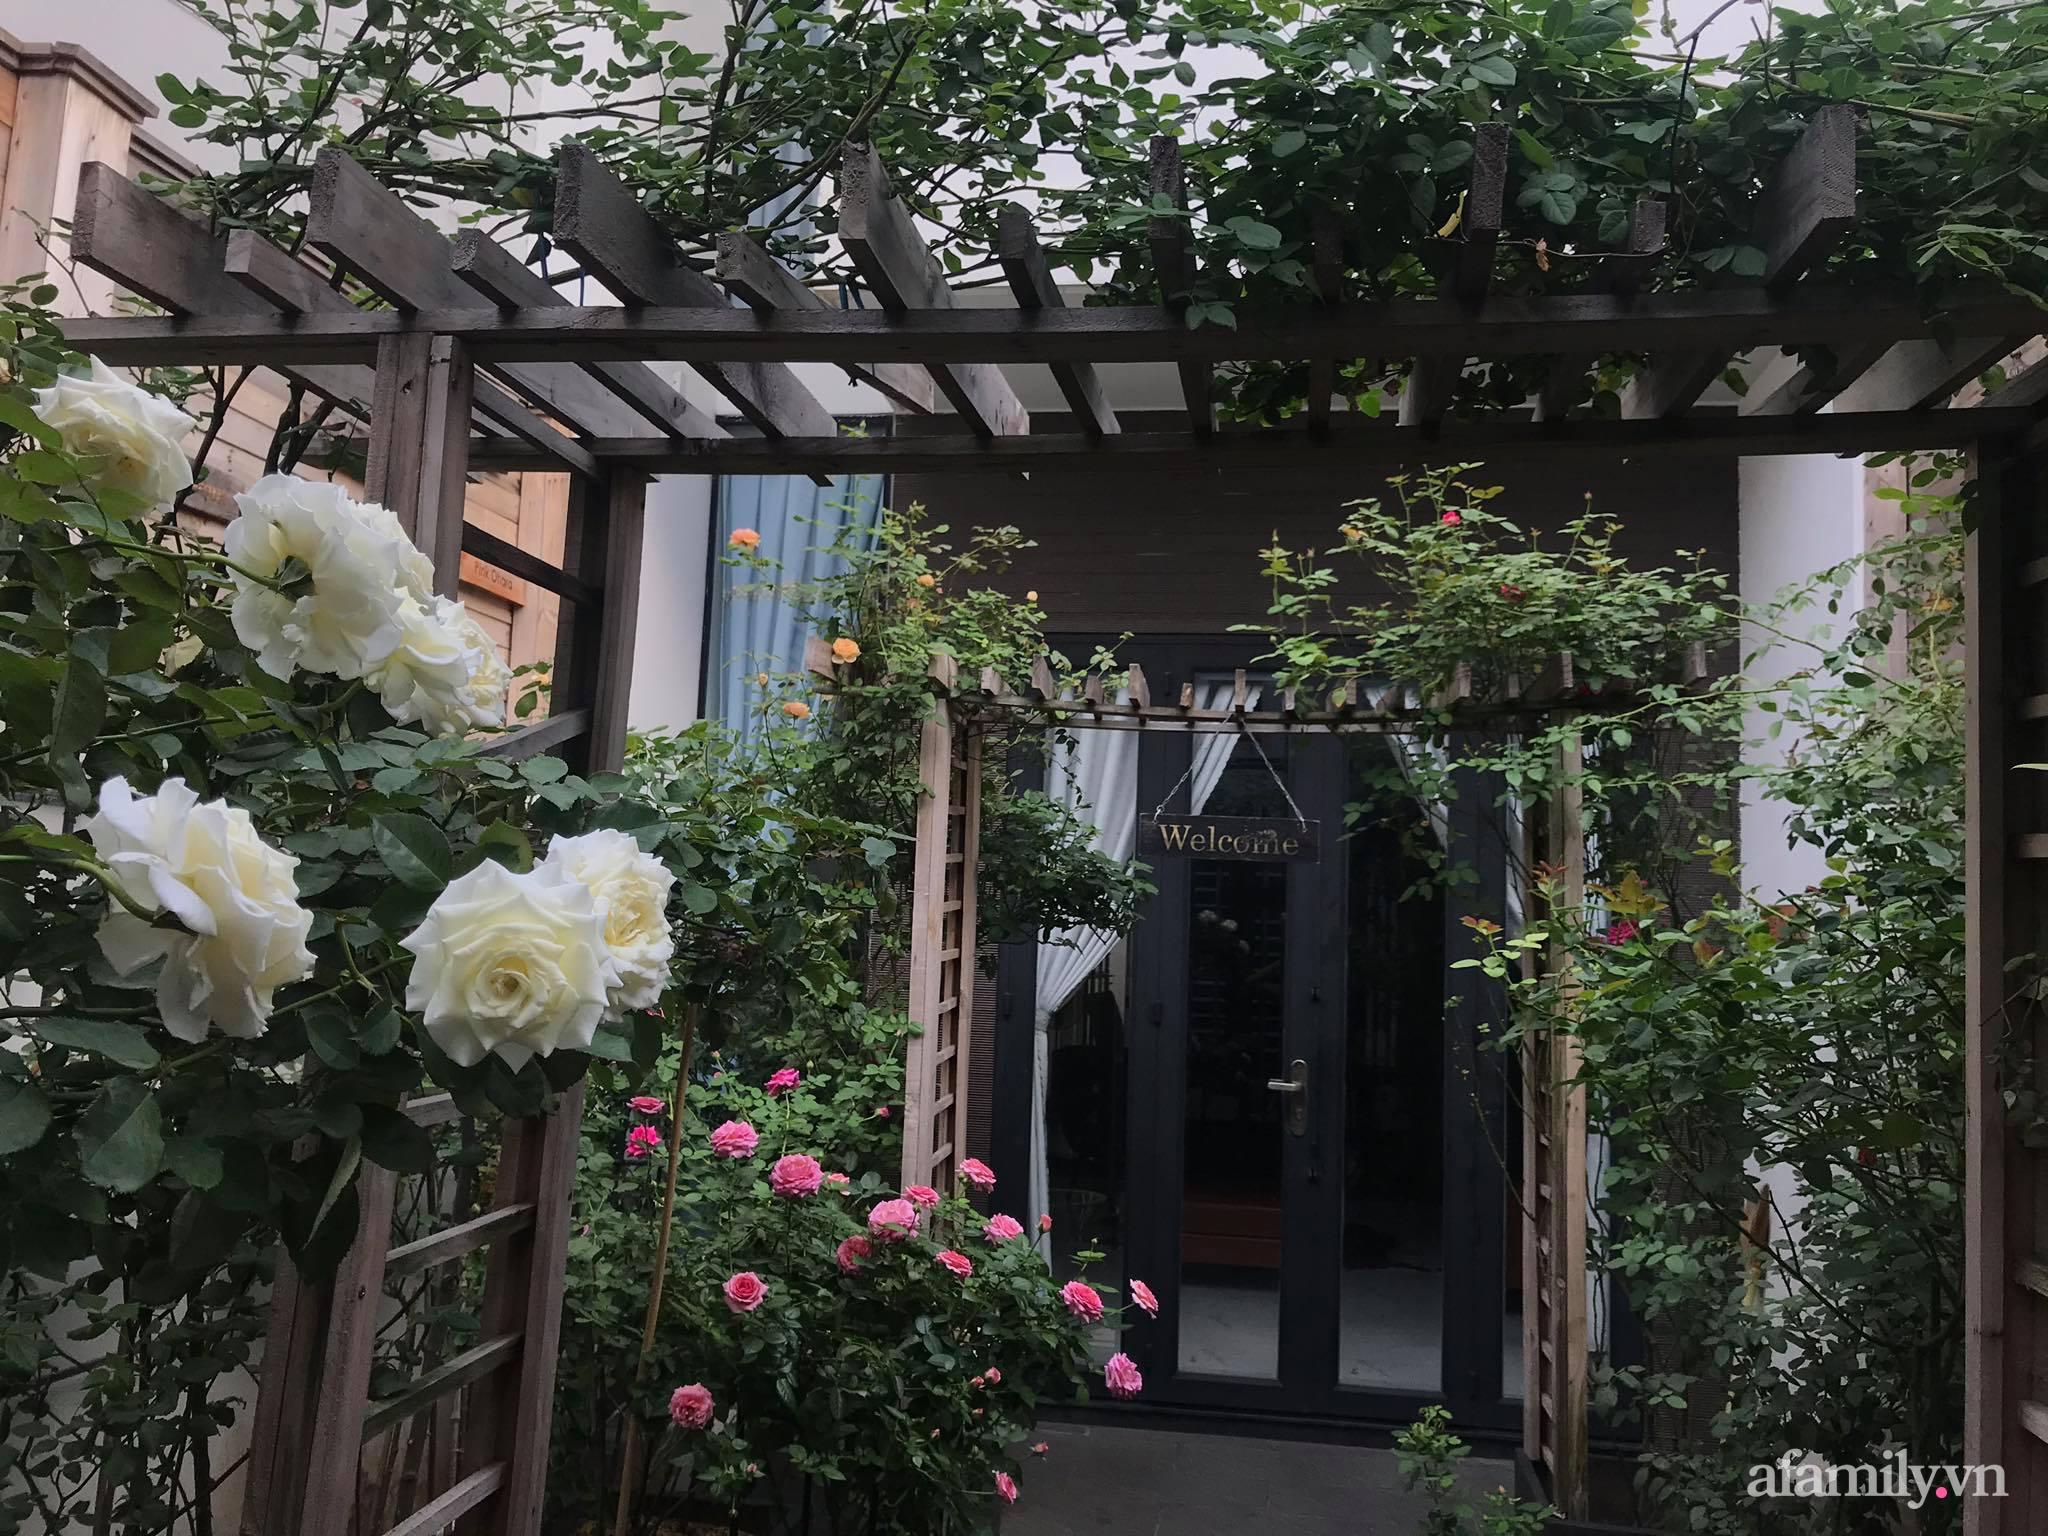 Vườn hồng rực rỡ tỏa sắc hương trước sân nhà đón hè sang của cặp vợ chồng trẻ Sải Gòn - Ảnh 12.